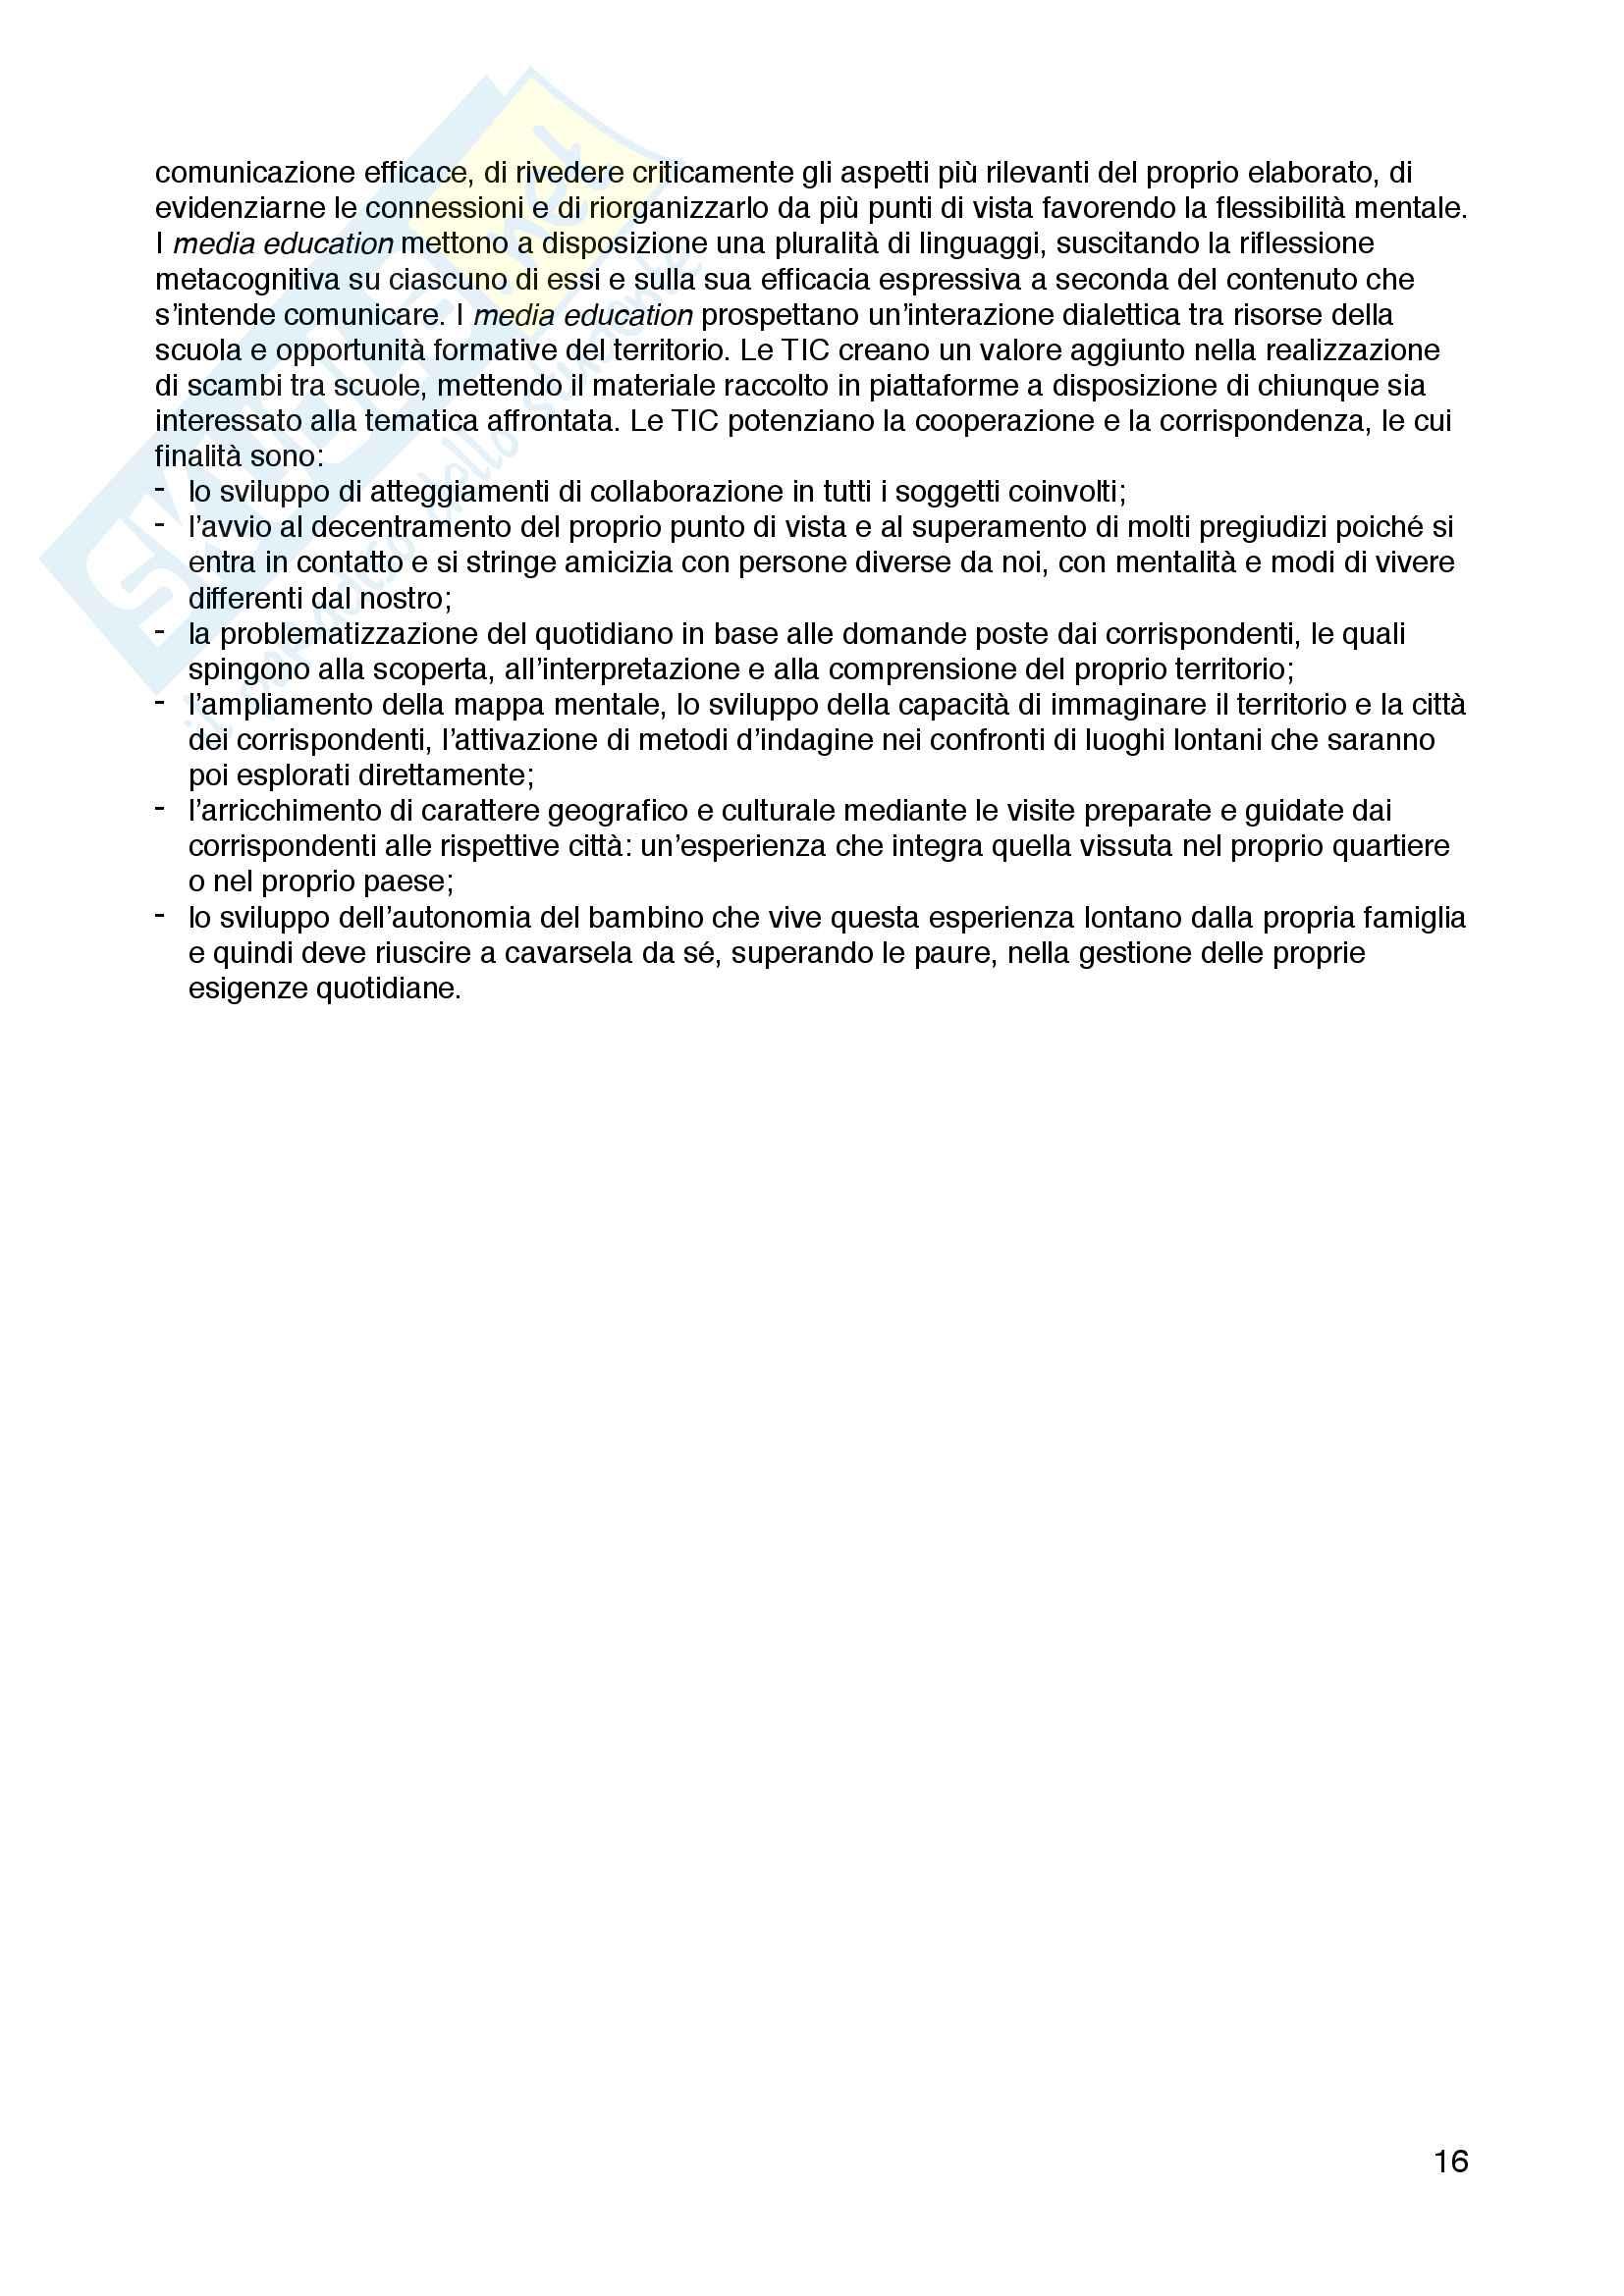 """Riassunto esame Storia dell'educazione, prof. Gianfranco Bandini, libro consigliato """"Al di là delle tecniche. La pratica educativa di Aldo Pettini"""", Maria Rosaria Di Santo Pag. 16"""